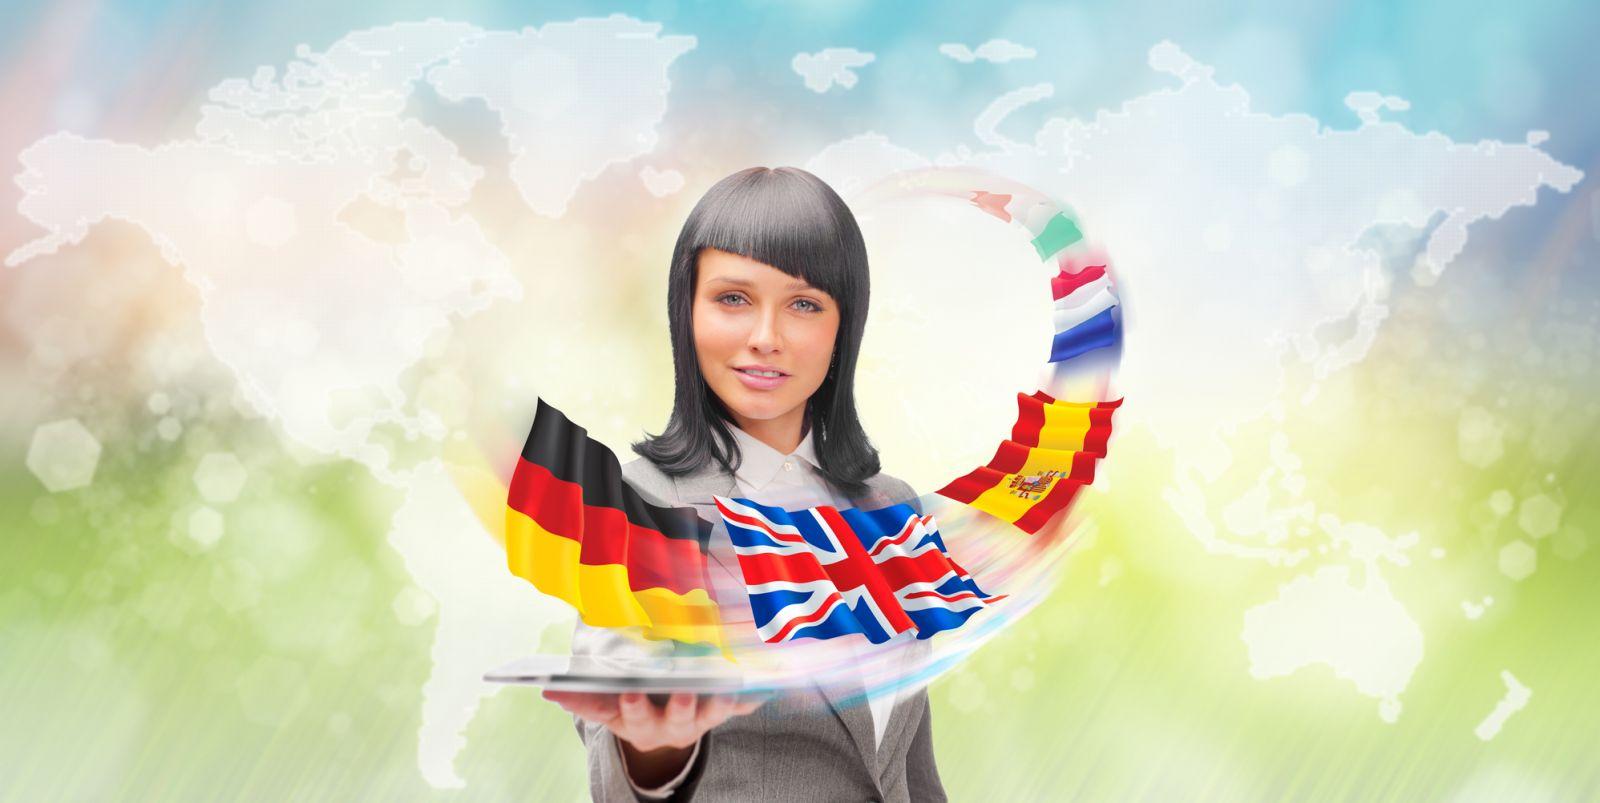 Как изучение иностранного языка влияет на наши мысли - фото №3